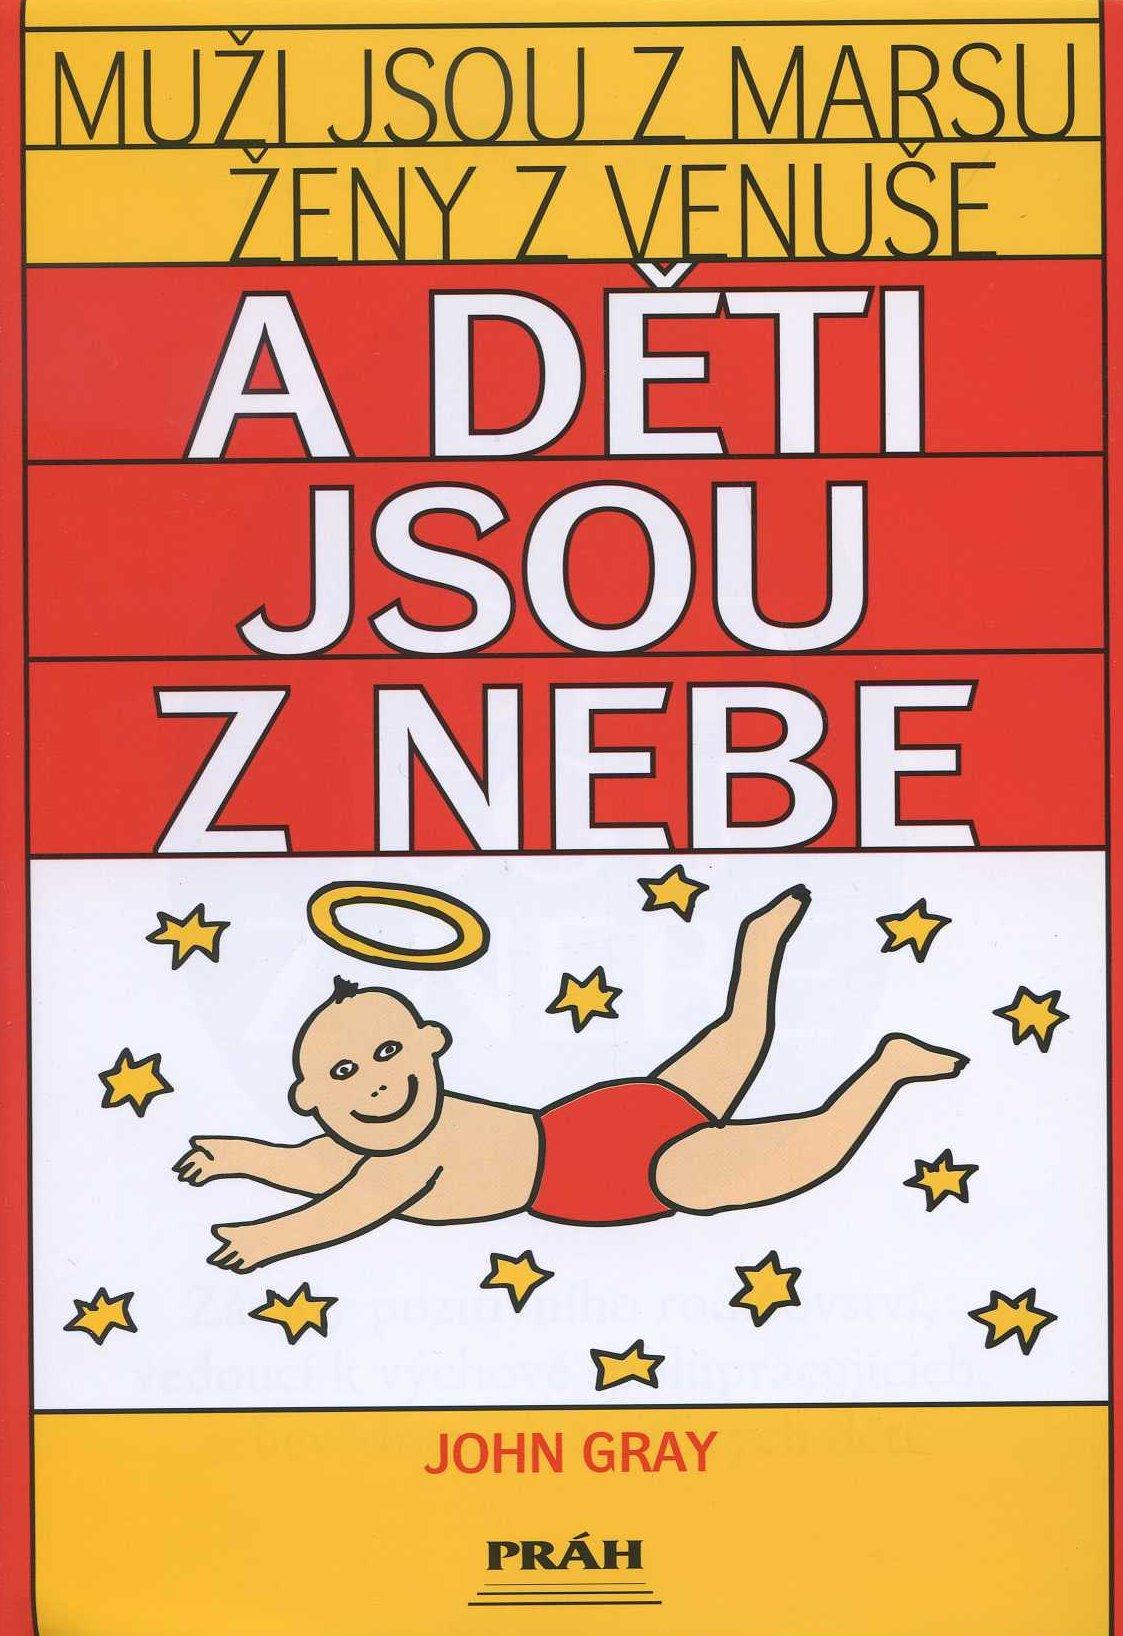 Muži jsou z Marsu, ženy z Venuše a děti jsou z nebe